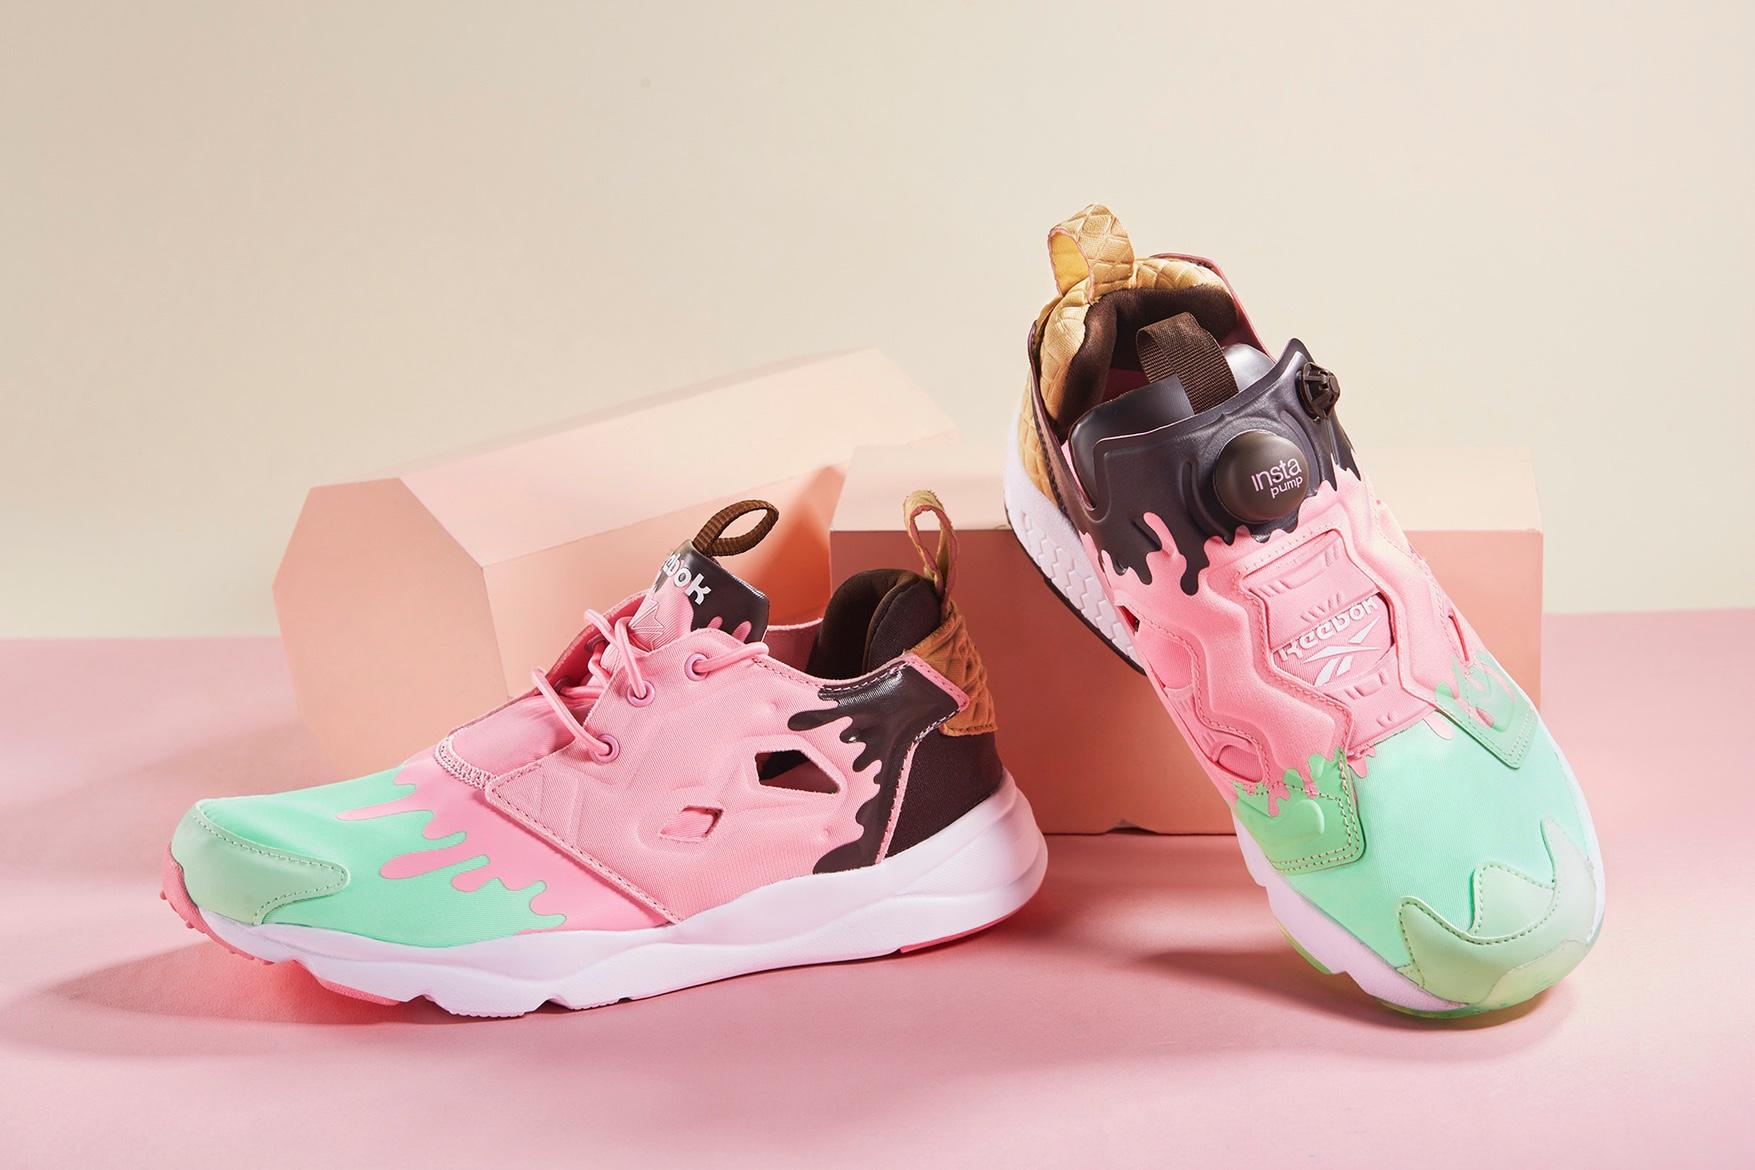 Hé lộ những mẫu sneaker rực rỡ mới ra mắt trung tuần tháng 6 - Ảnh 2.